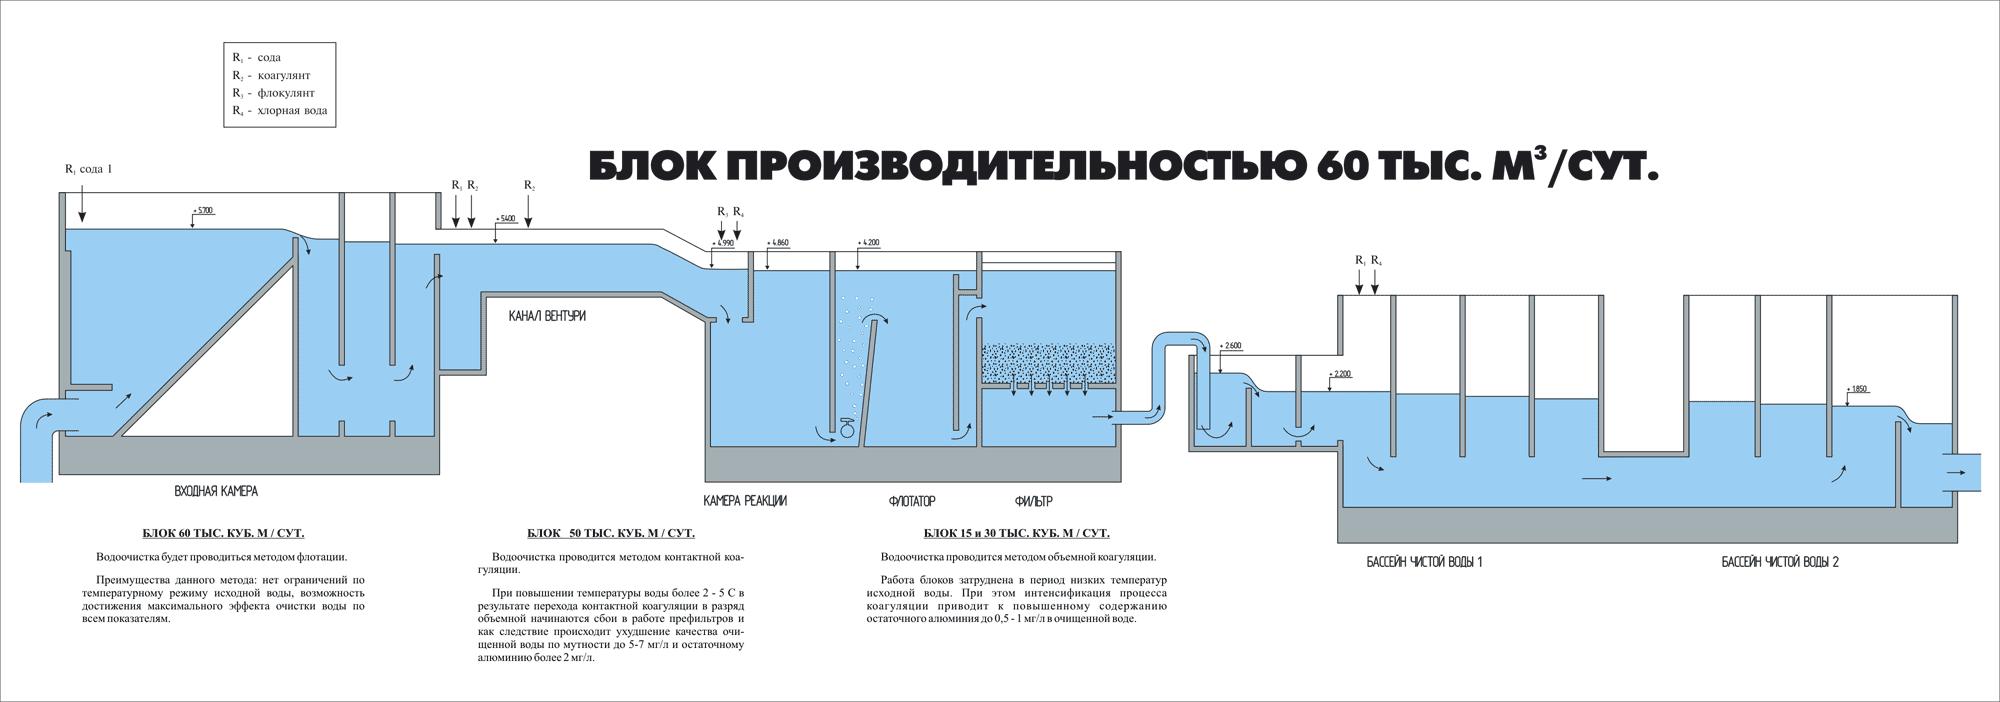 Очистные сооружения для очистки сточных вод